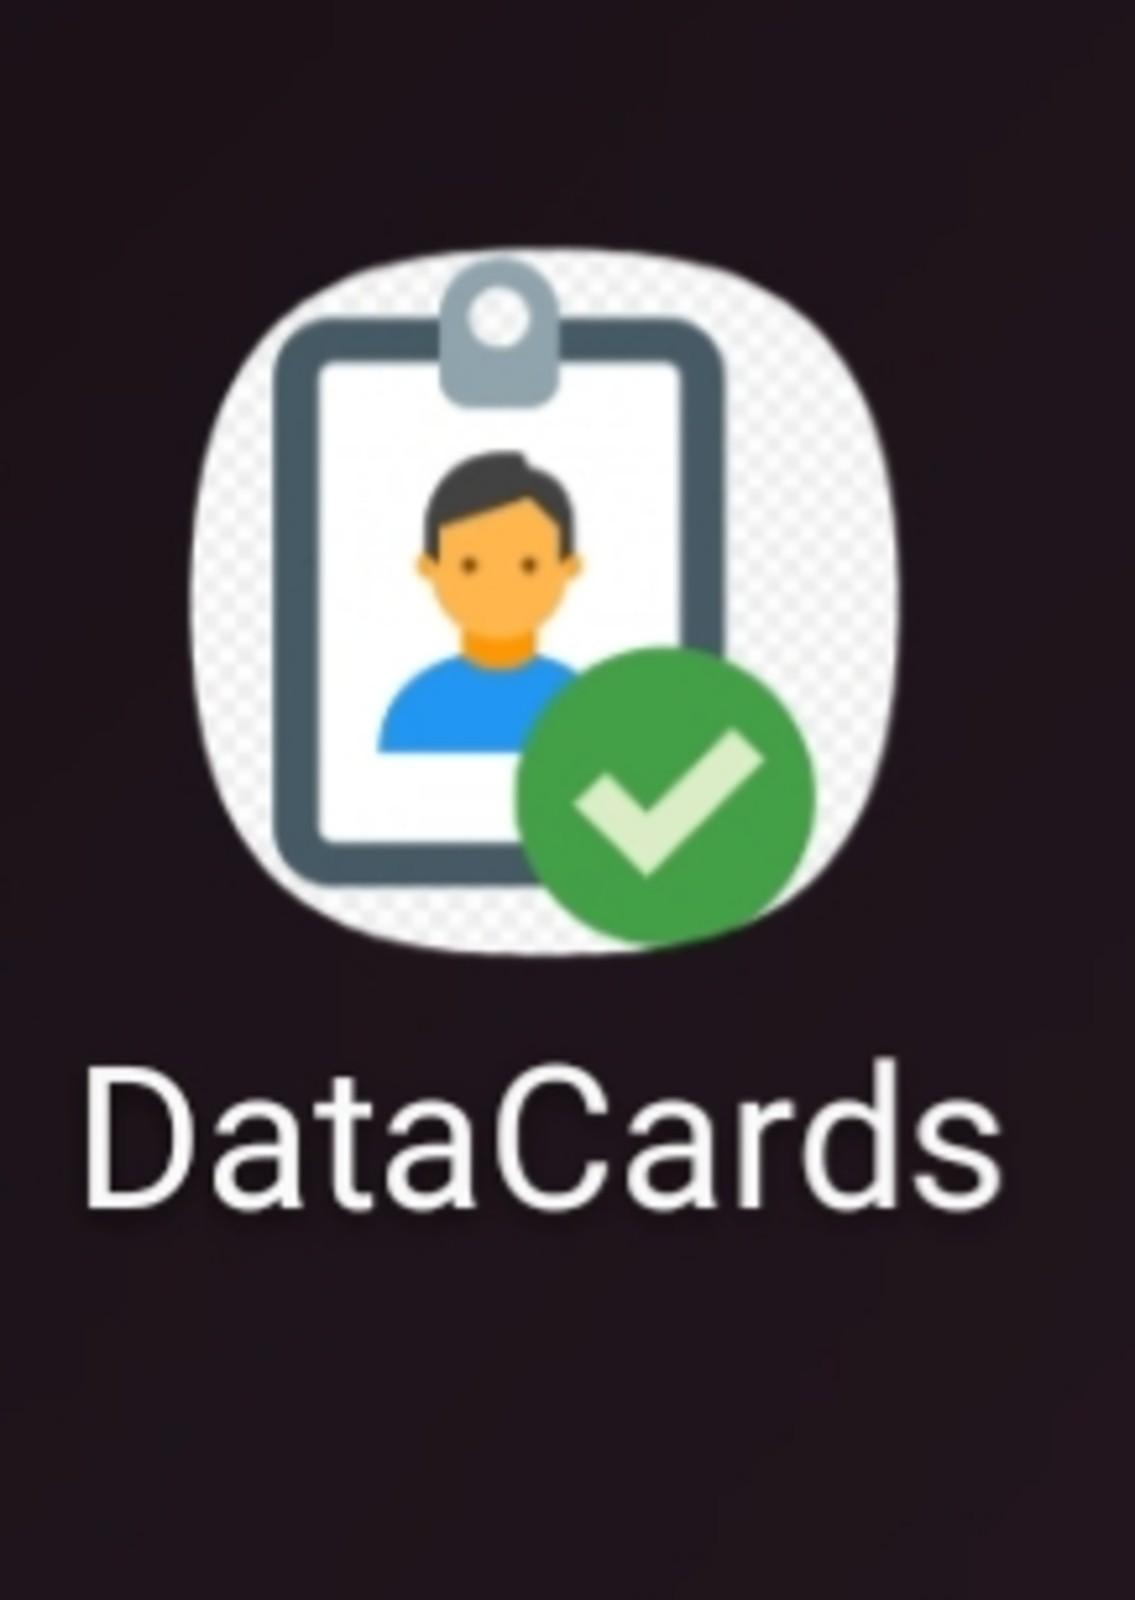 DataCards, l'appli mobile de collecte des données pour établissement rapide des cartes scolaires par publipostage du Camerounais Michel Ndeme